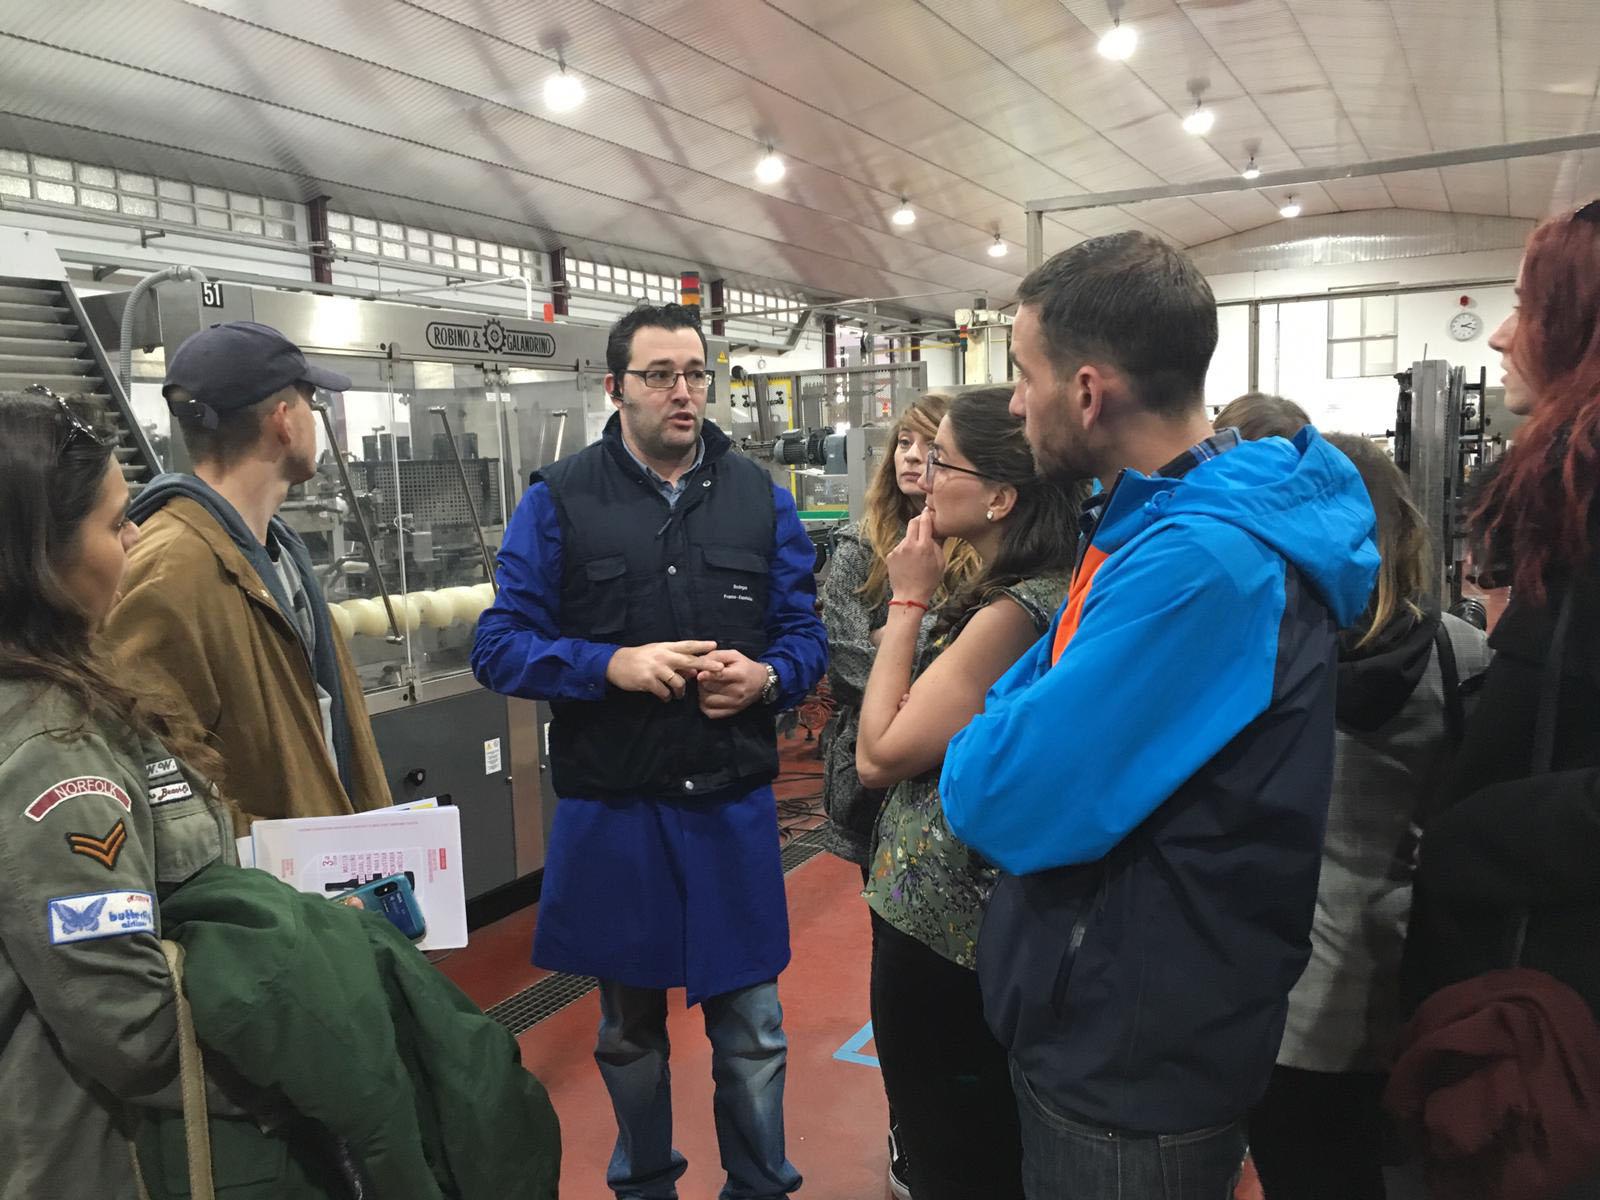 Proyecto I+D+i entre Másteres Basque Culinary Center y Esdir